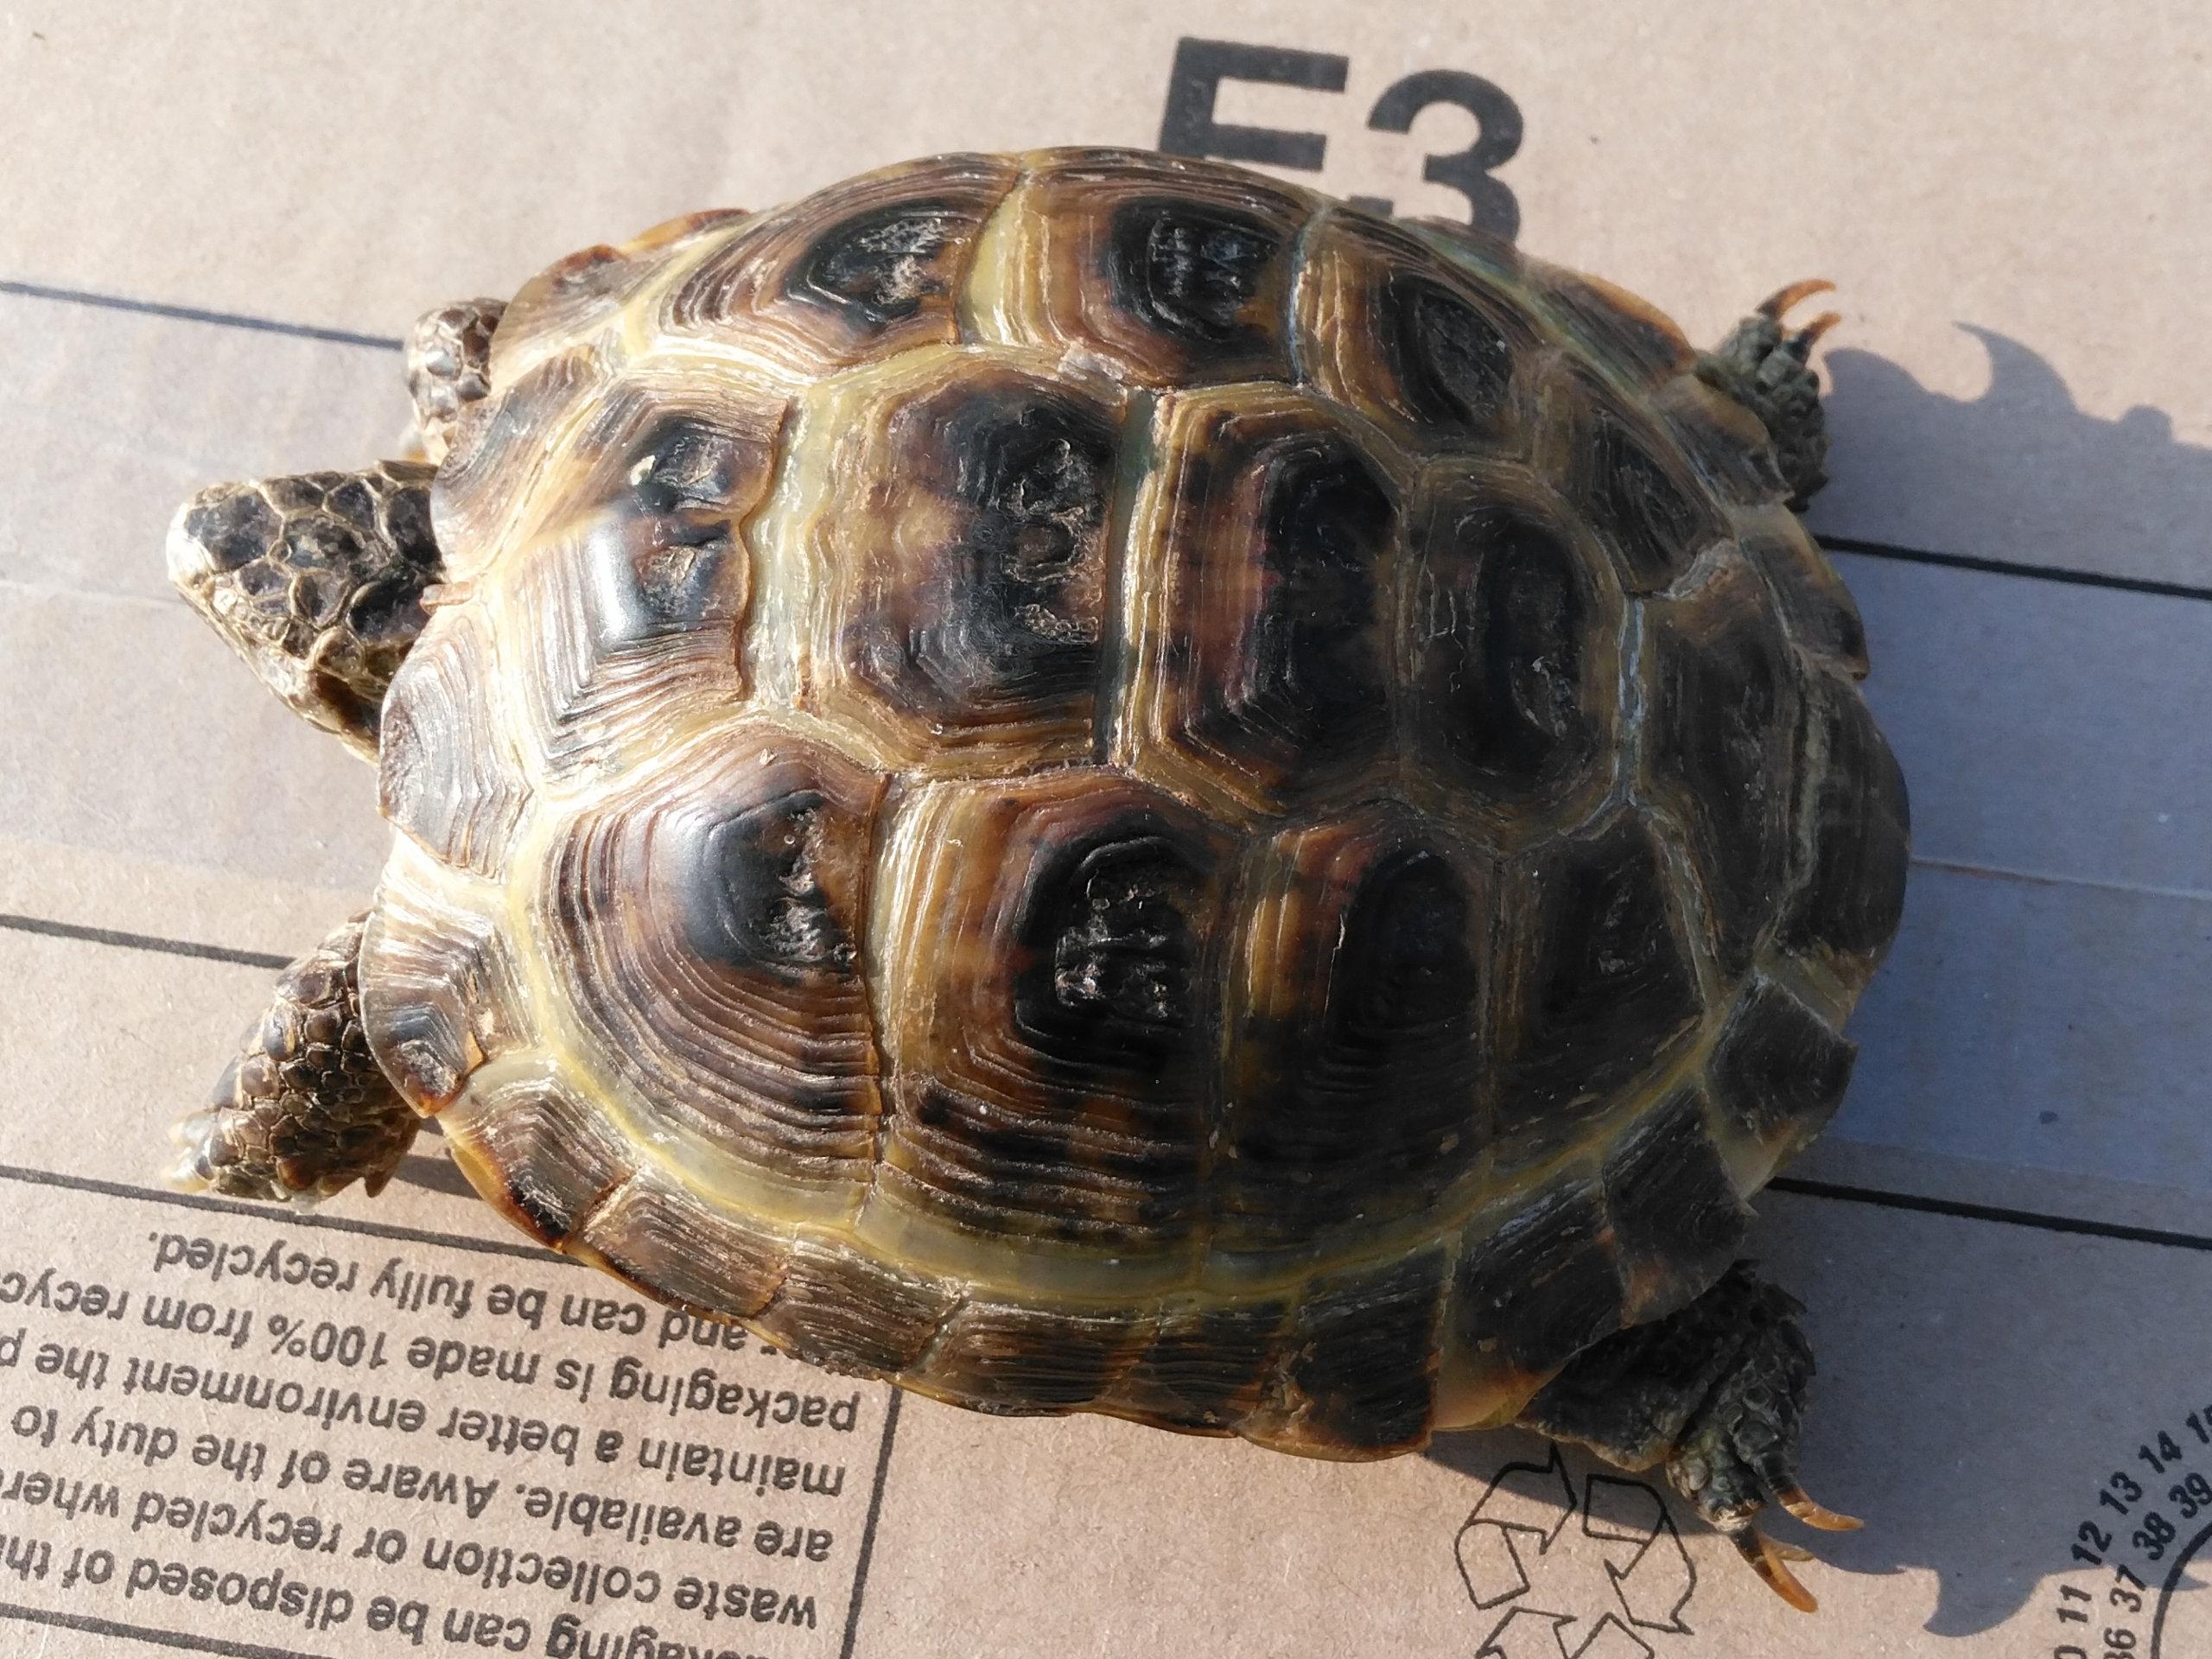 Help me! How can I deflesh a tortoise? | Sauropod Vertebra Picture ...